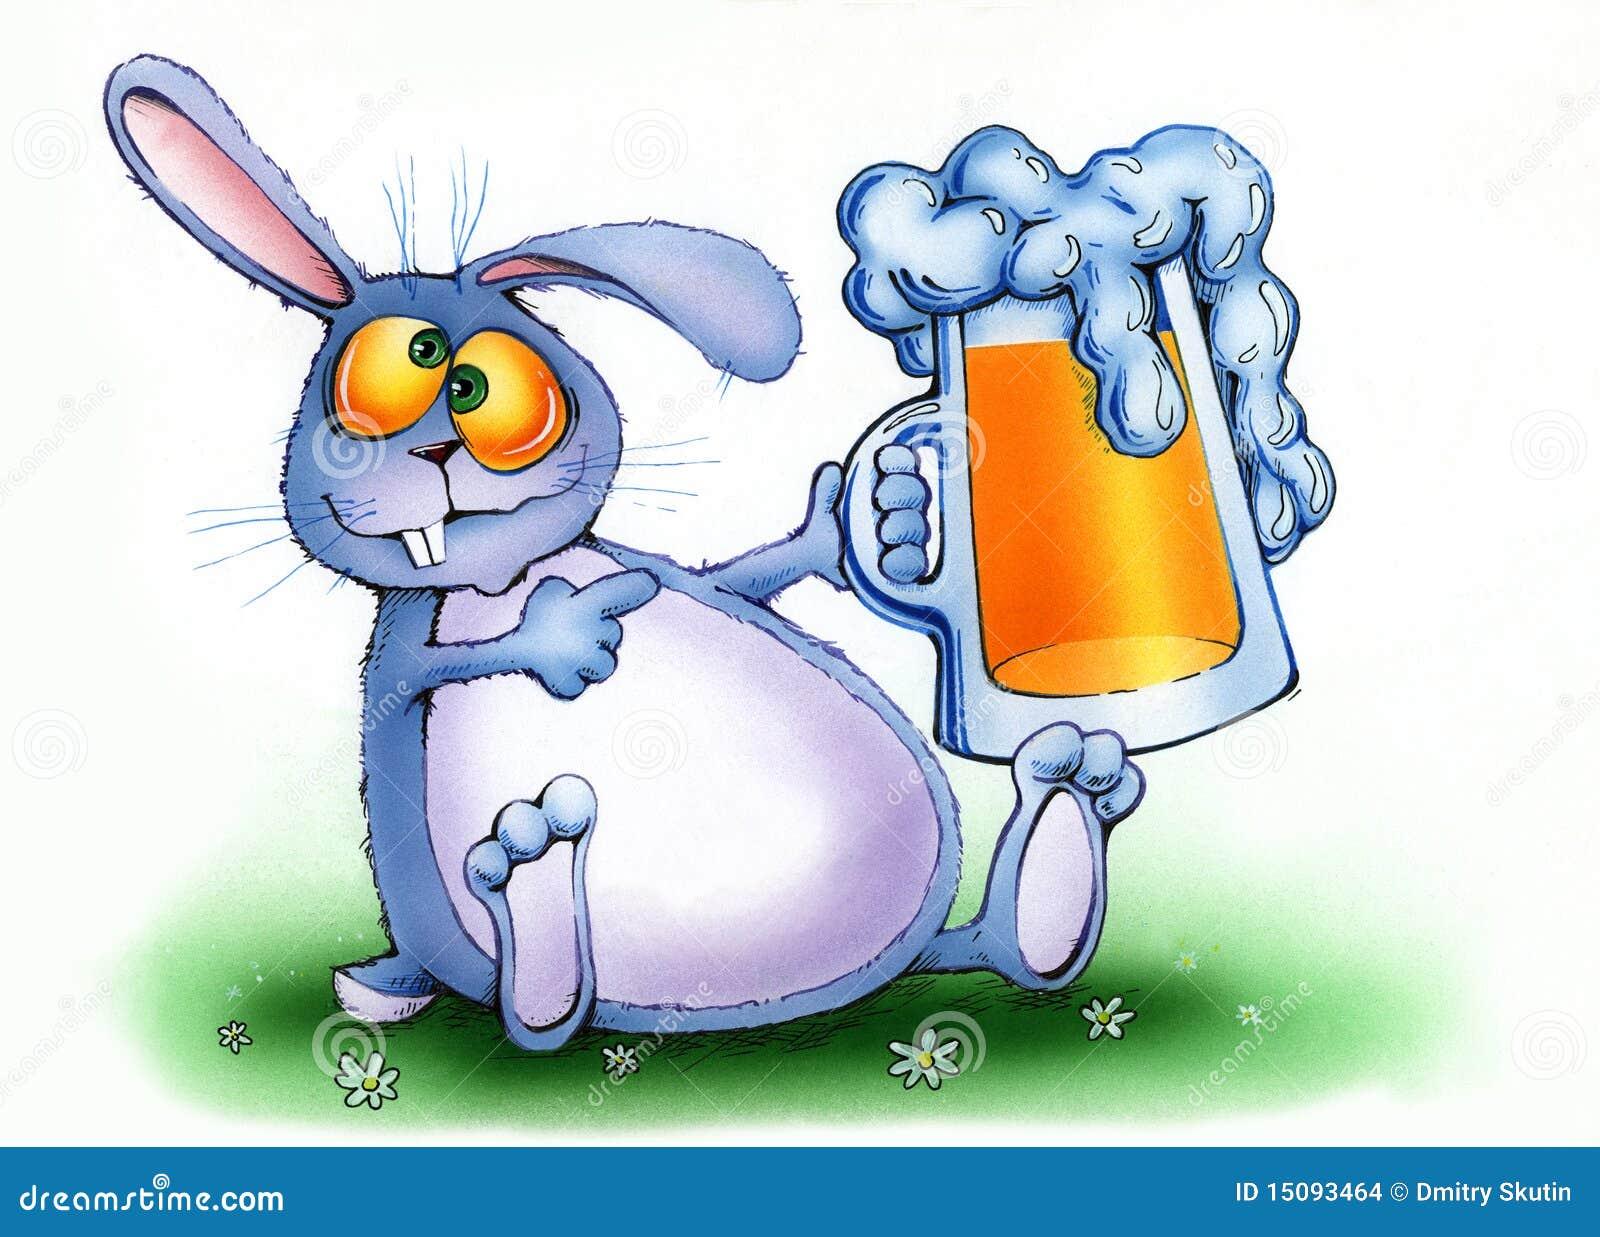 Drunken Rabbit With A Mug Of Beer Stock Illustration Illustration